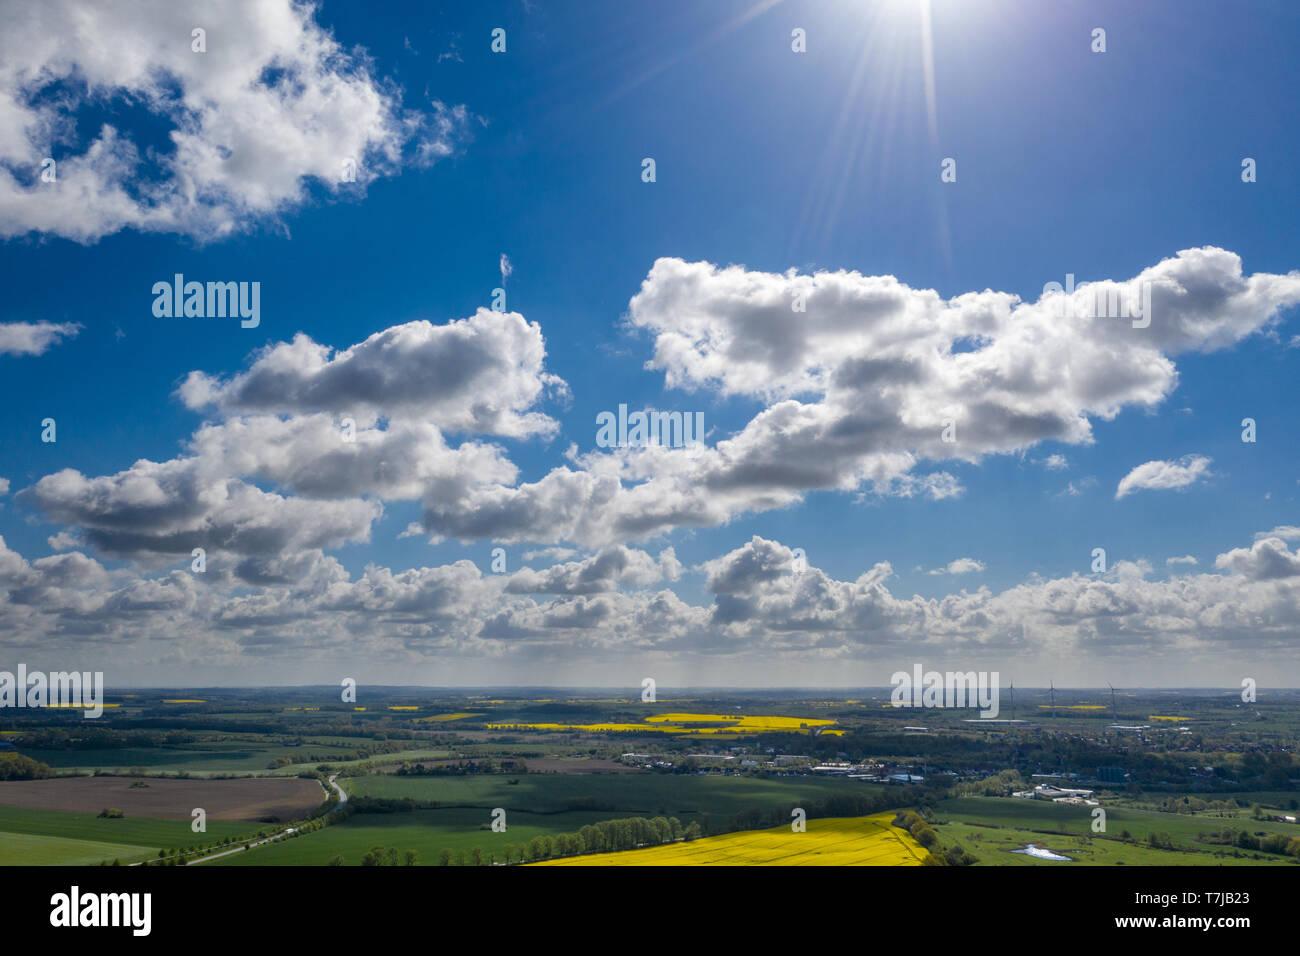 Eine traumhafte blauer Himmel mit weißen Schafe Wolken über grüne und gelbe Felder Stockfoto